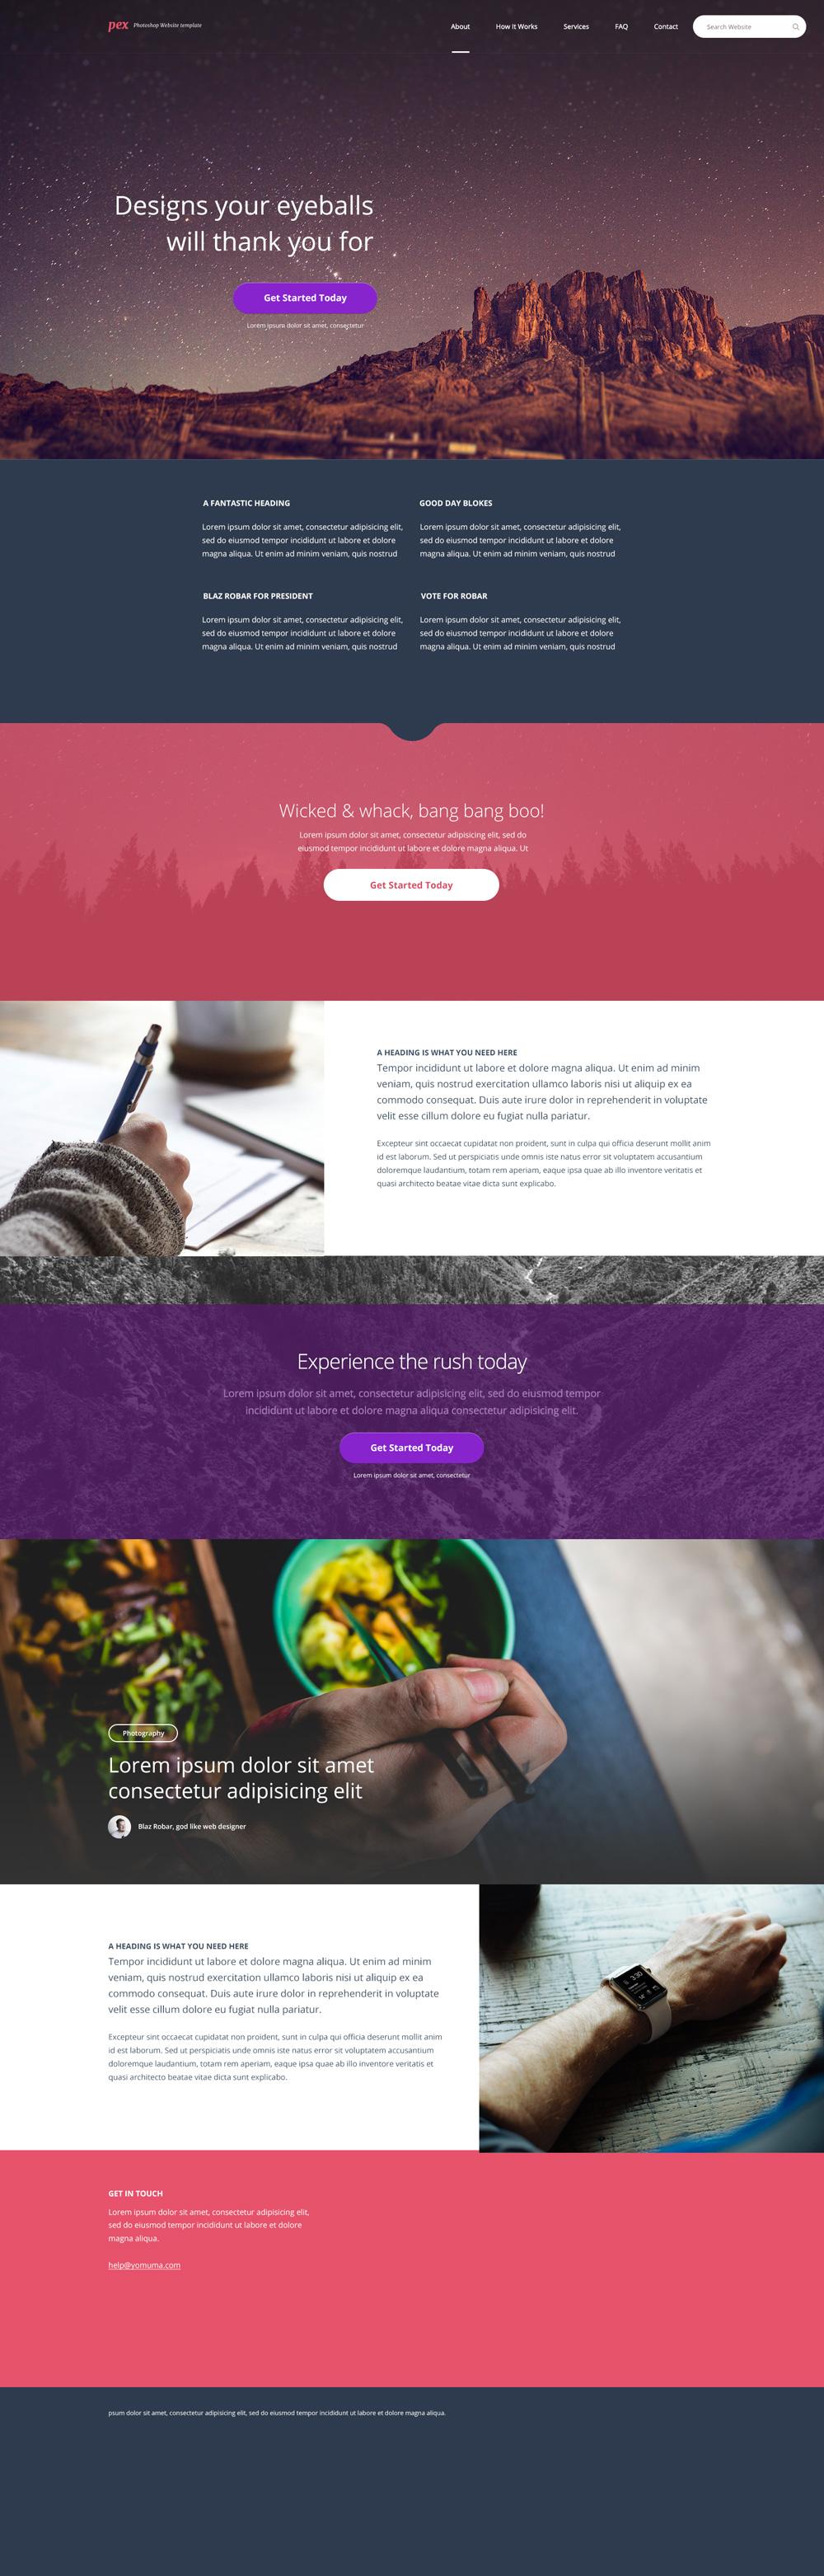 Website Layout Template Pex Psd Website Template Free Psd  Web & Web_Design  Pinterest